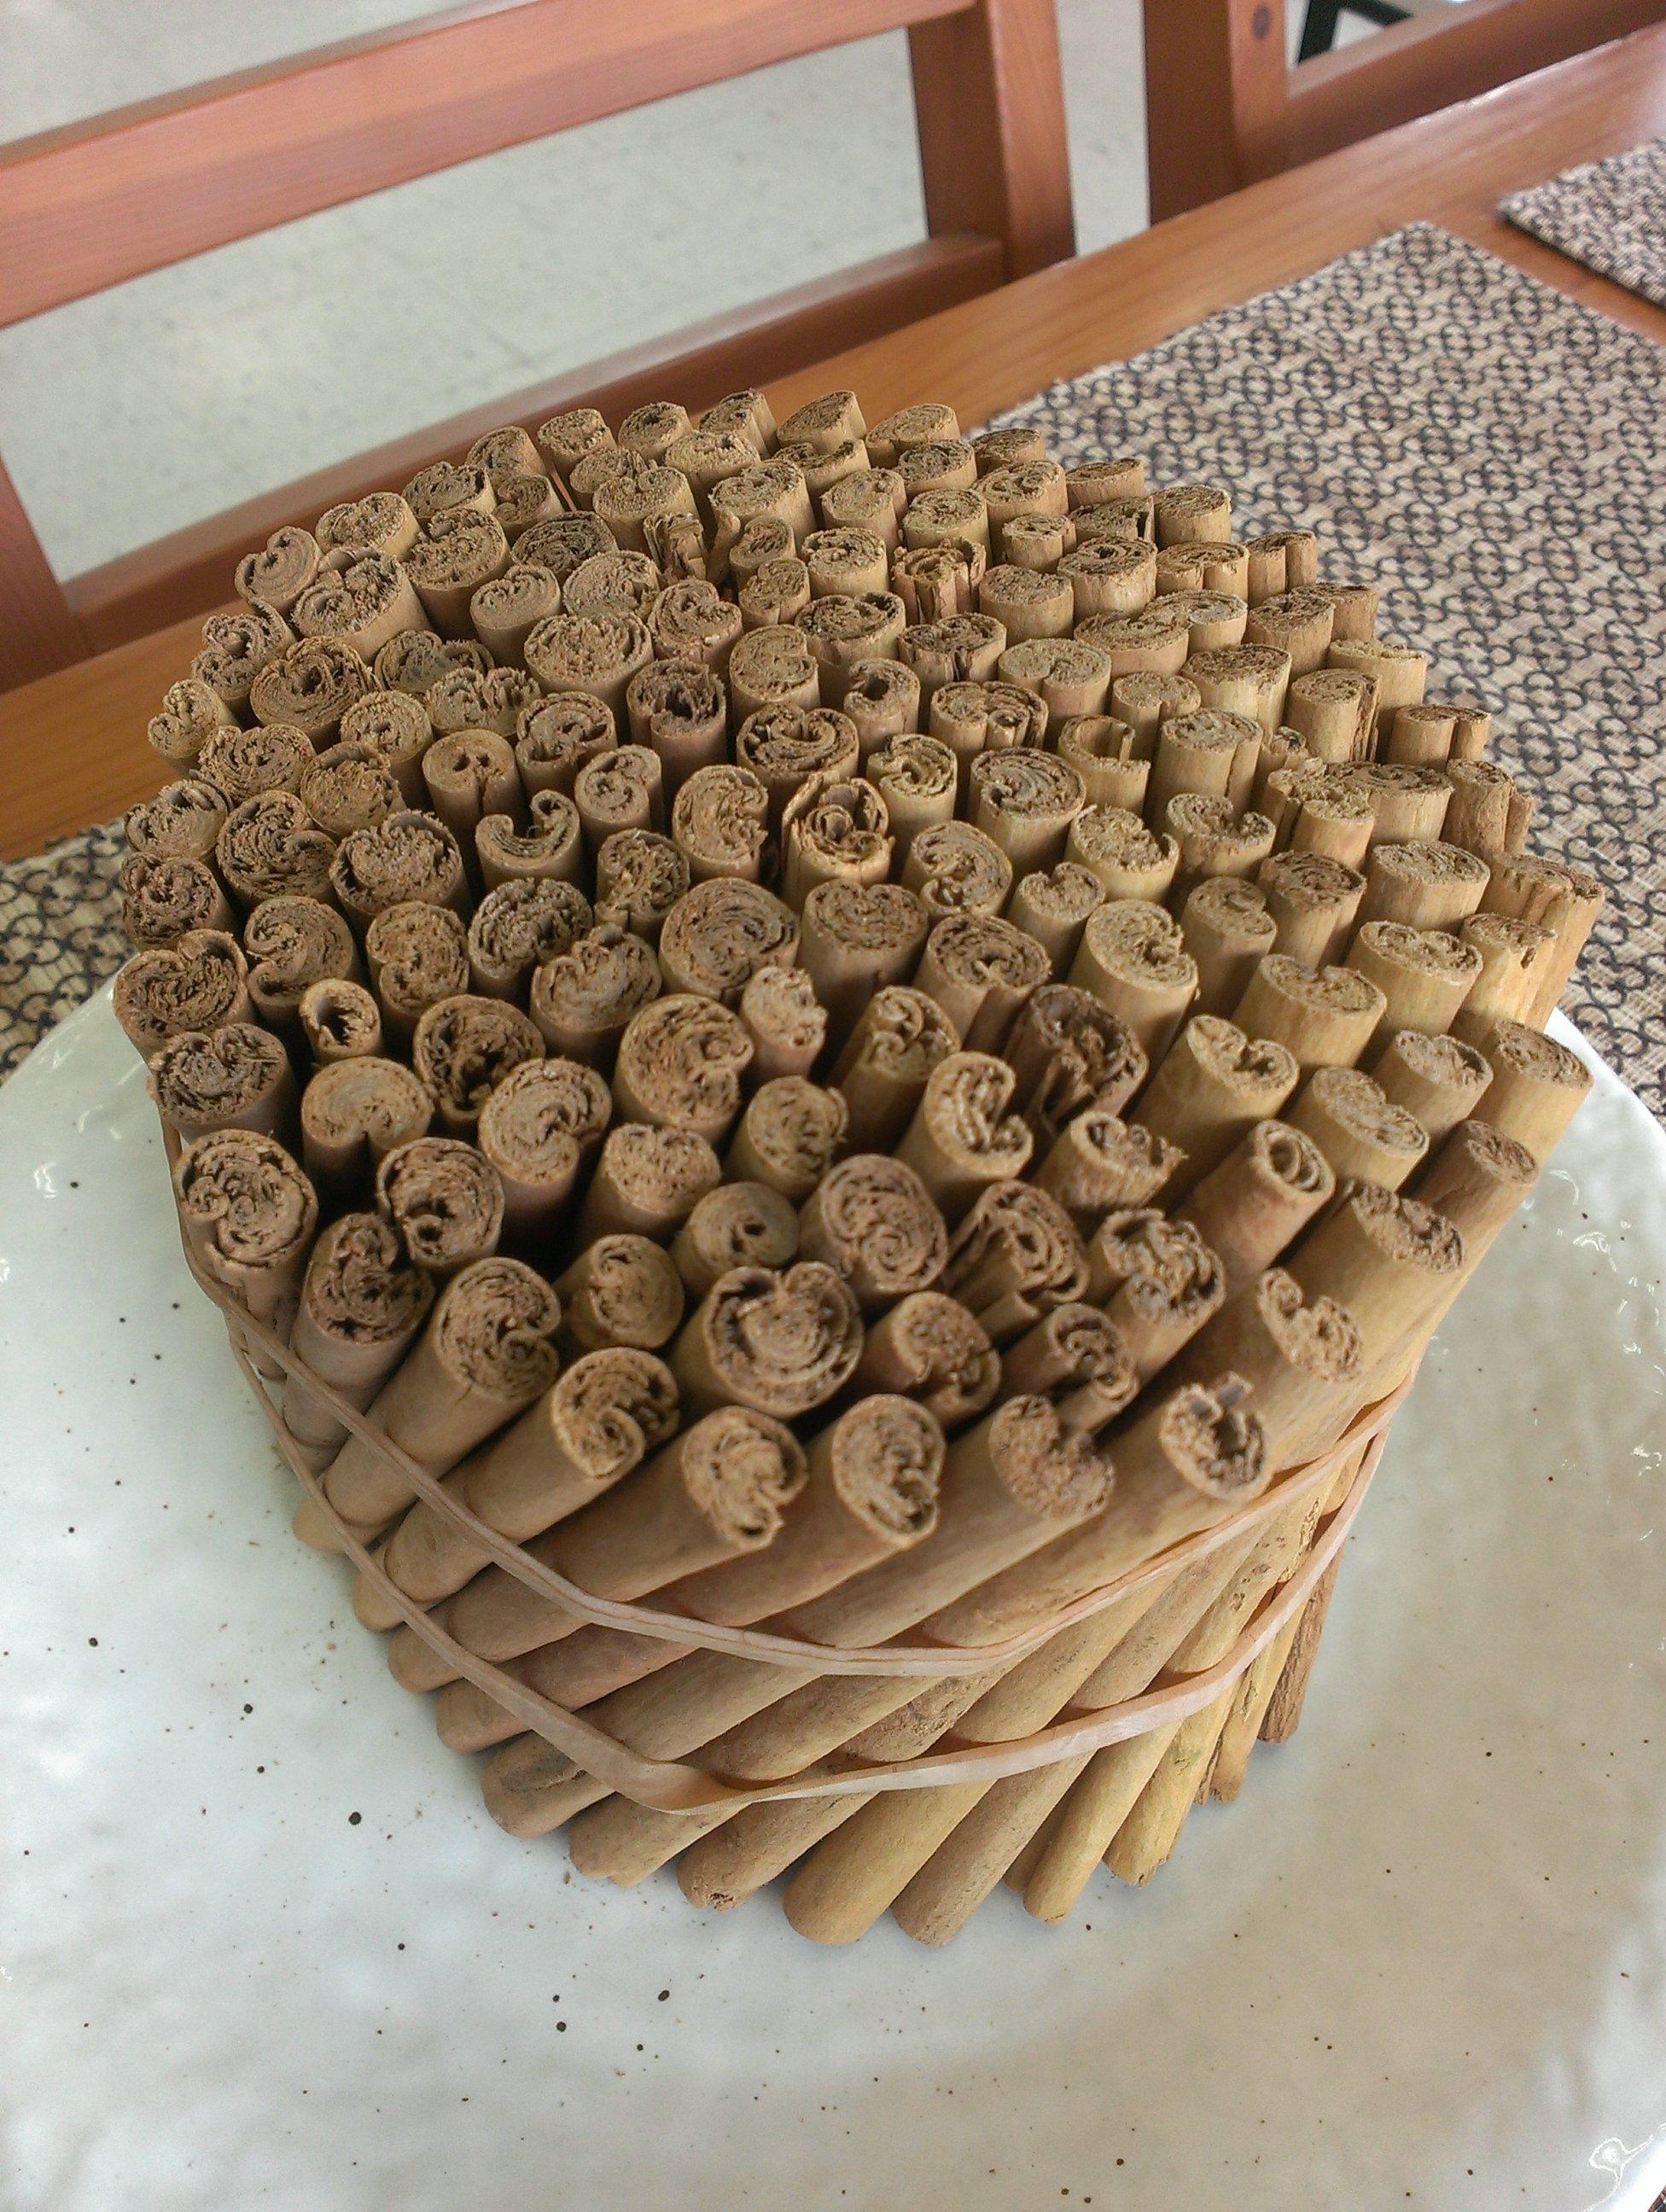 スリランカ産のセイロンシナモンを使った「セイロンシナモンコーヒー」できました!!